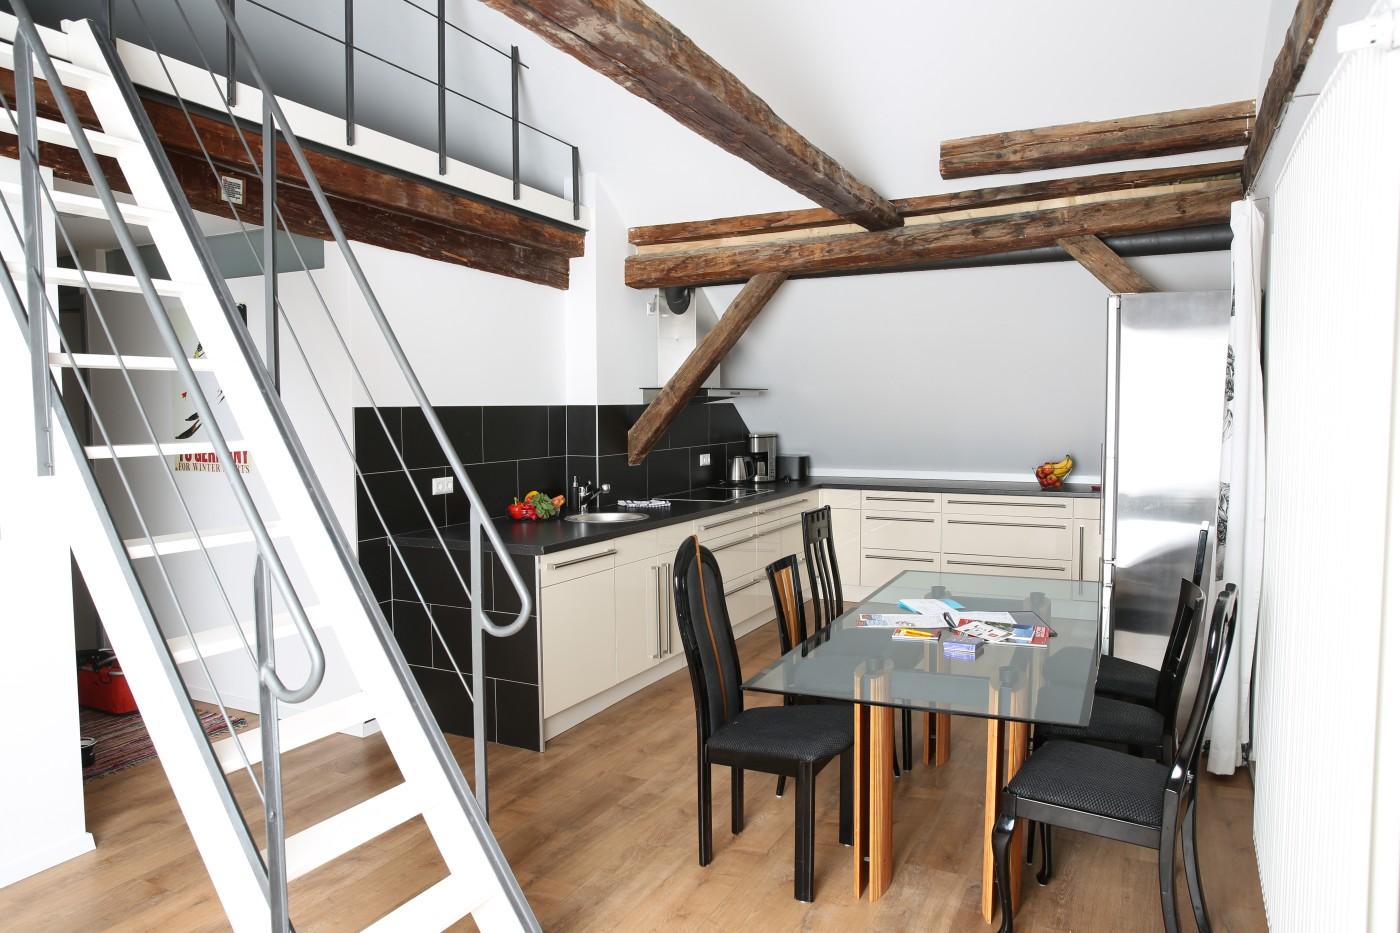 Ferienwohnung Georg Mayer Haus / Wohnung 6 (2397455), Oberstdorf, Allgäu (Bayern), Bayern, Deutschland, Bild 4